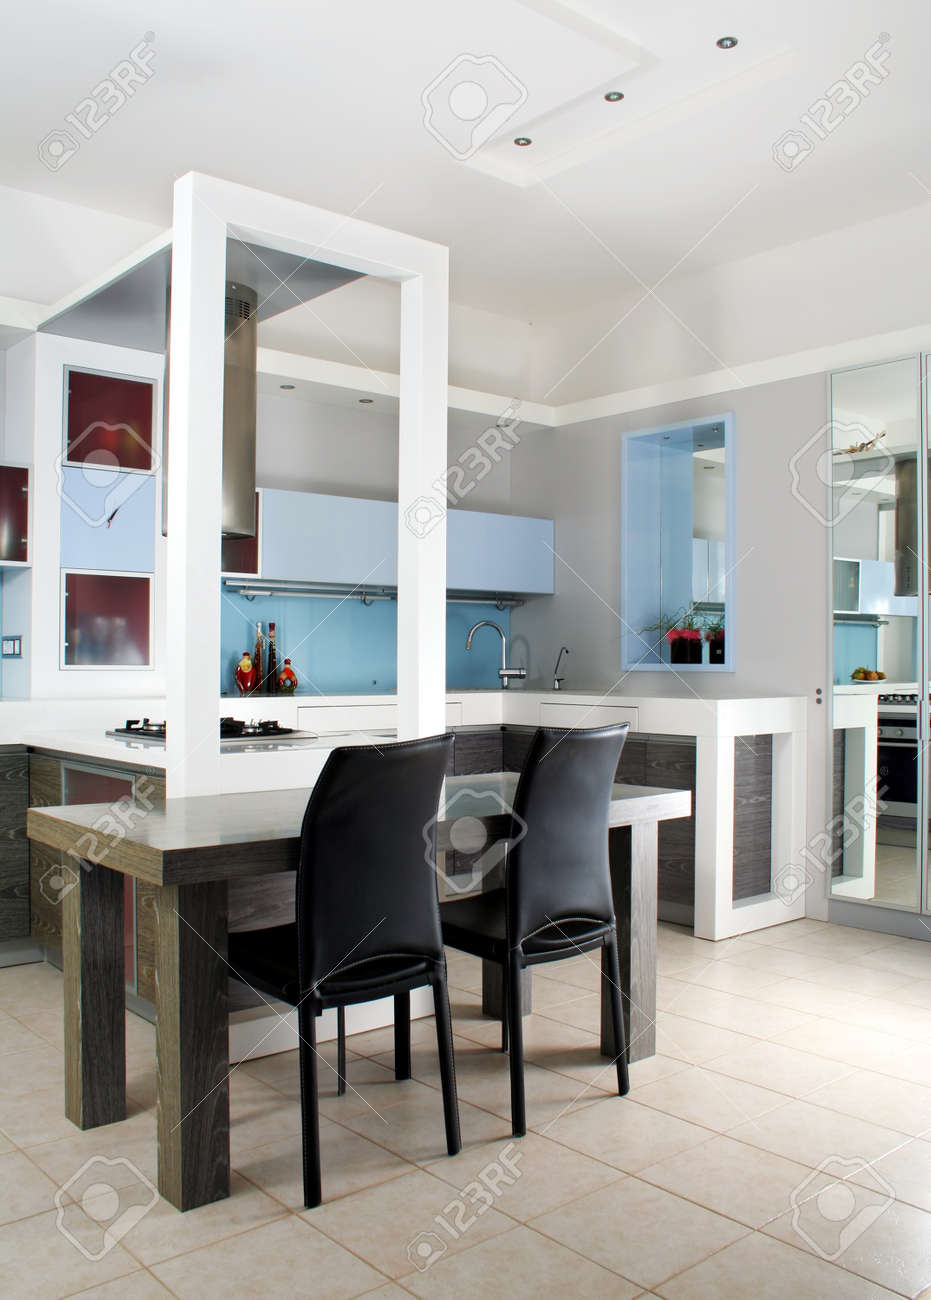 Moderna Cucina Bianca E Legno Itnerior Girato In Studio Con Luce ...